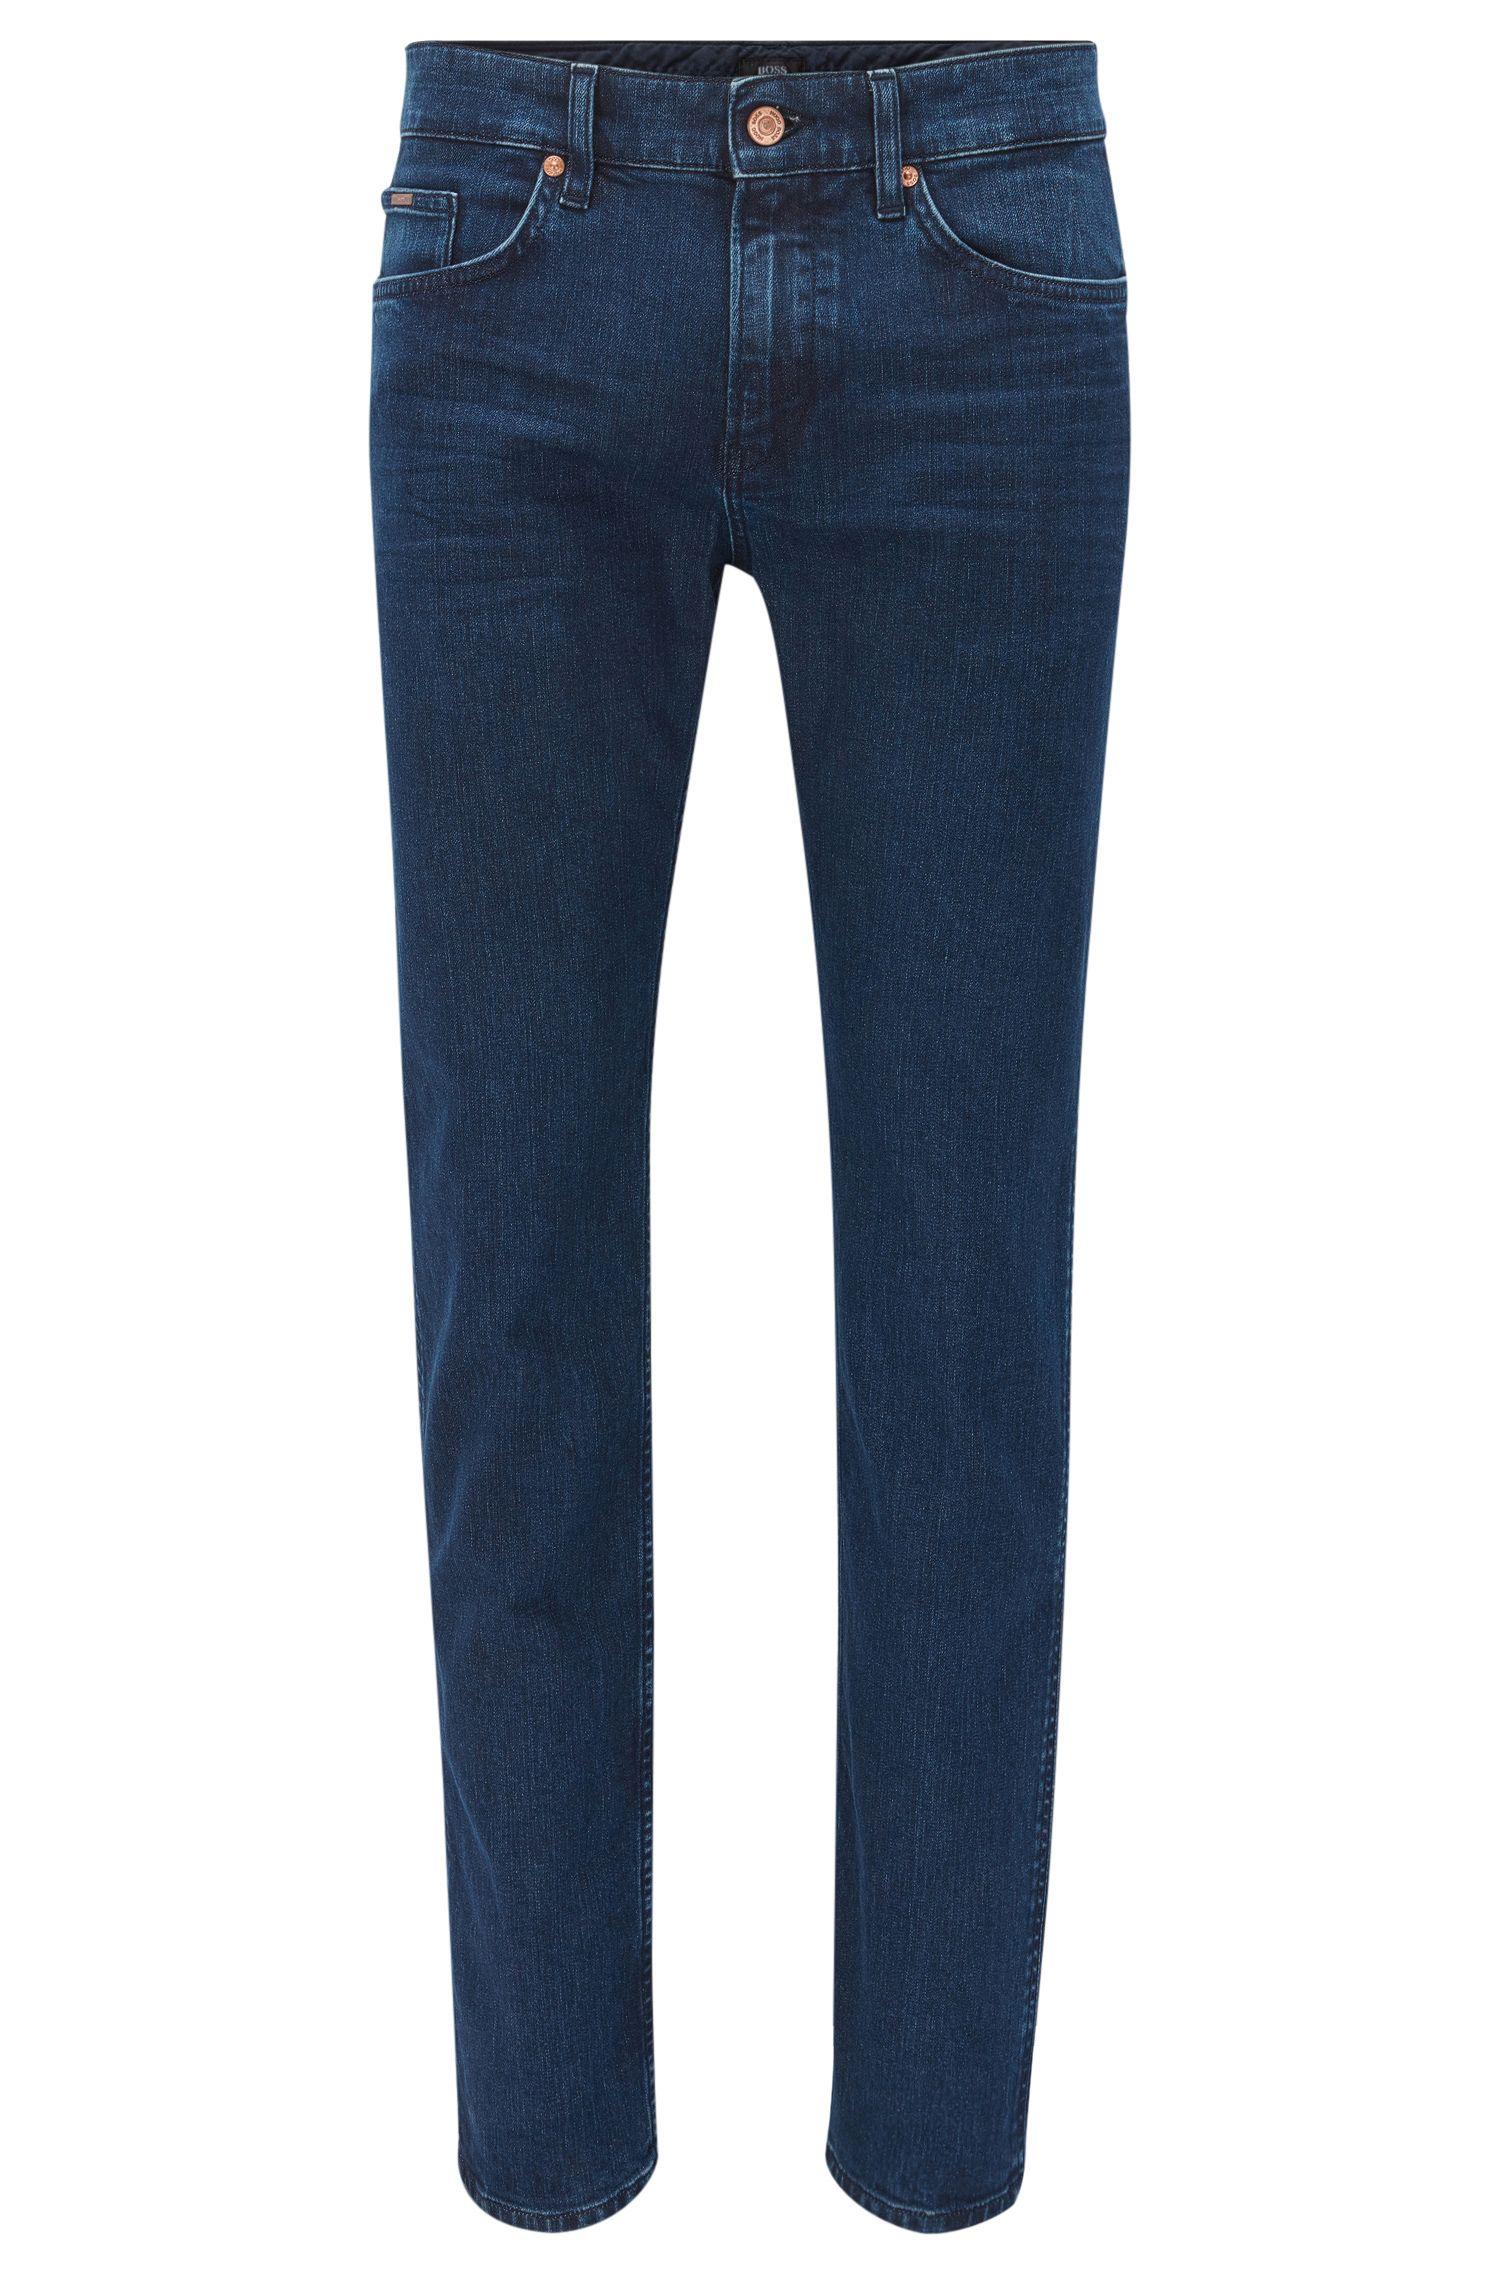 Jeans slim fit indaco scuro in denim elasticizzato adatto al lavaggio medio